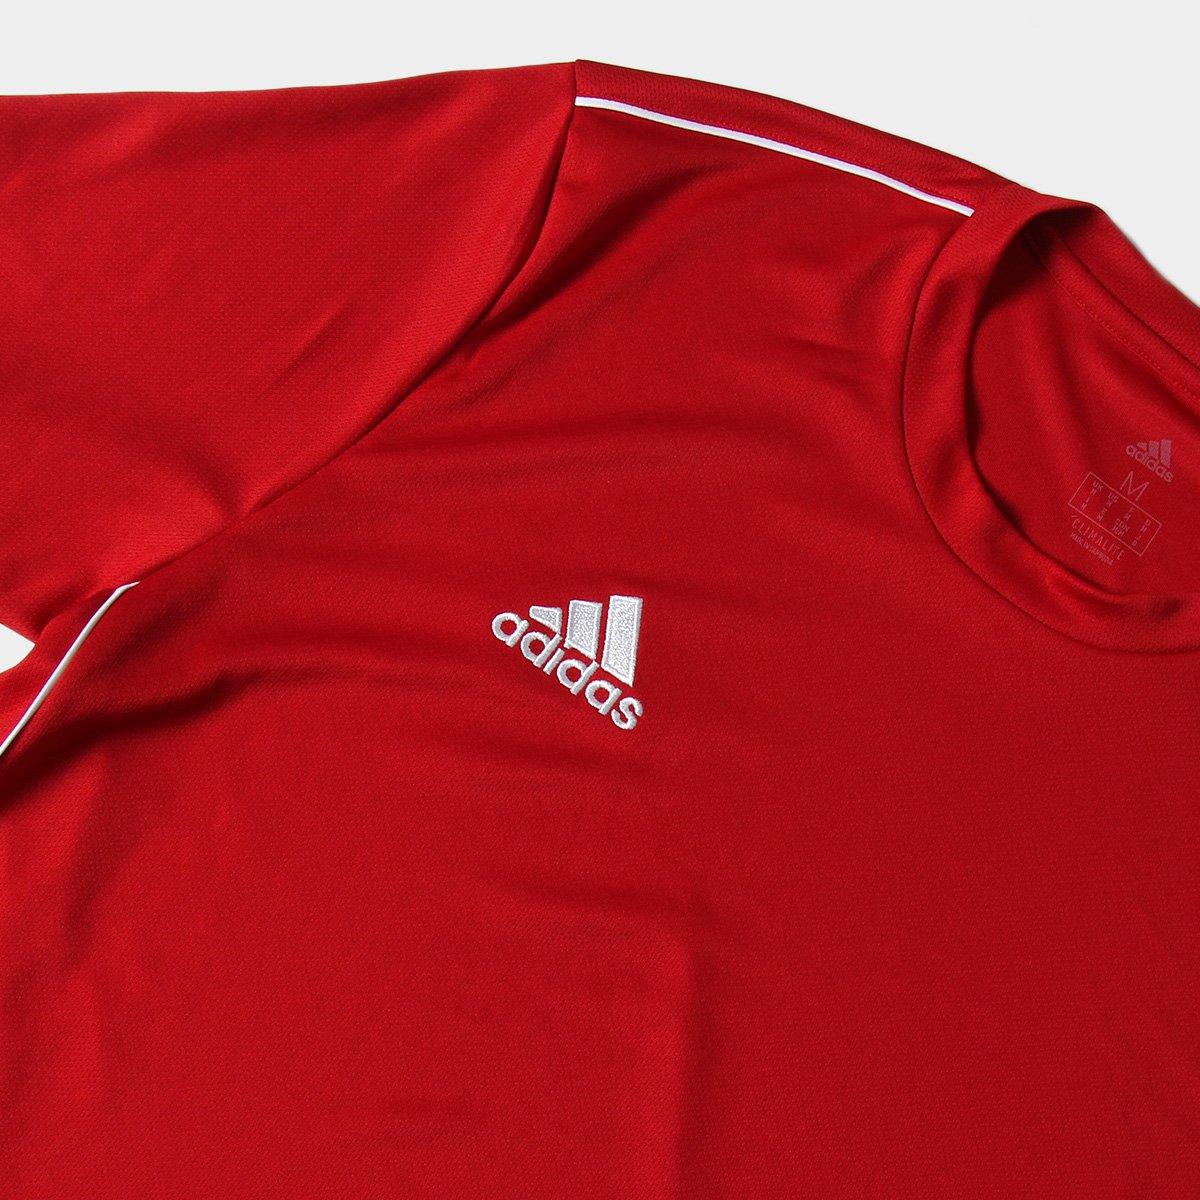 Camiseta Adidas Core 18 Masculina - Vermelho e Branco - Compre Agora ... 75703d3cceb